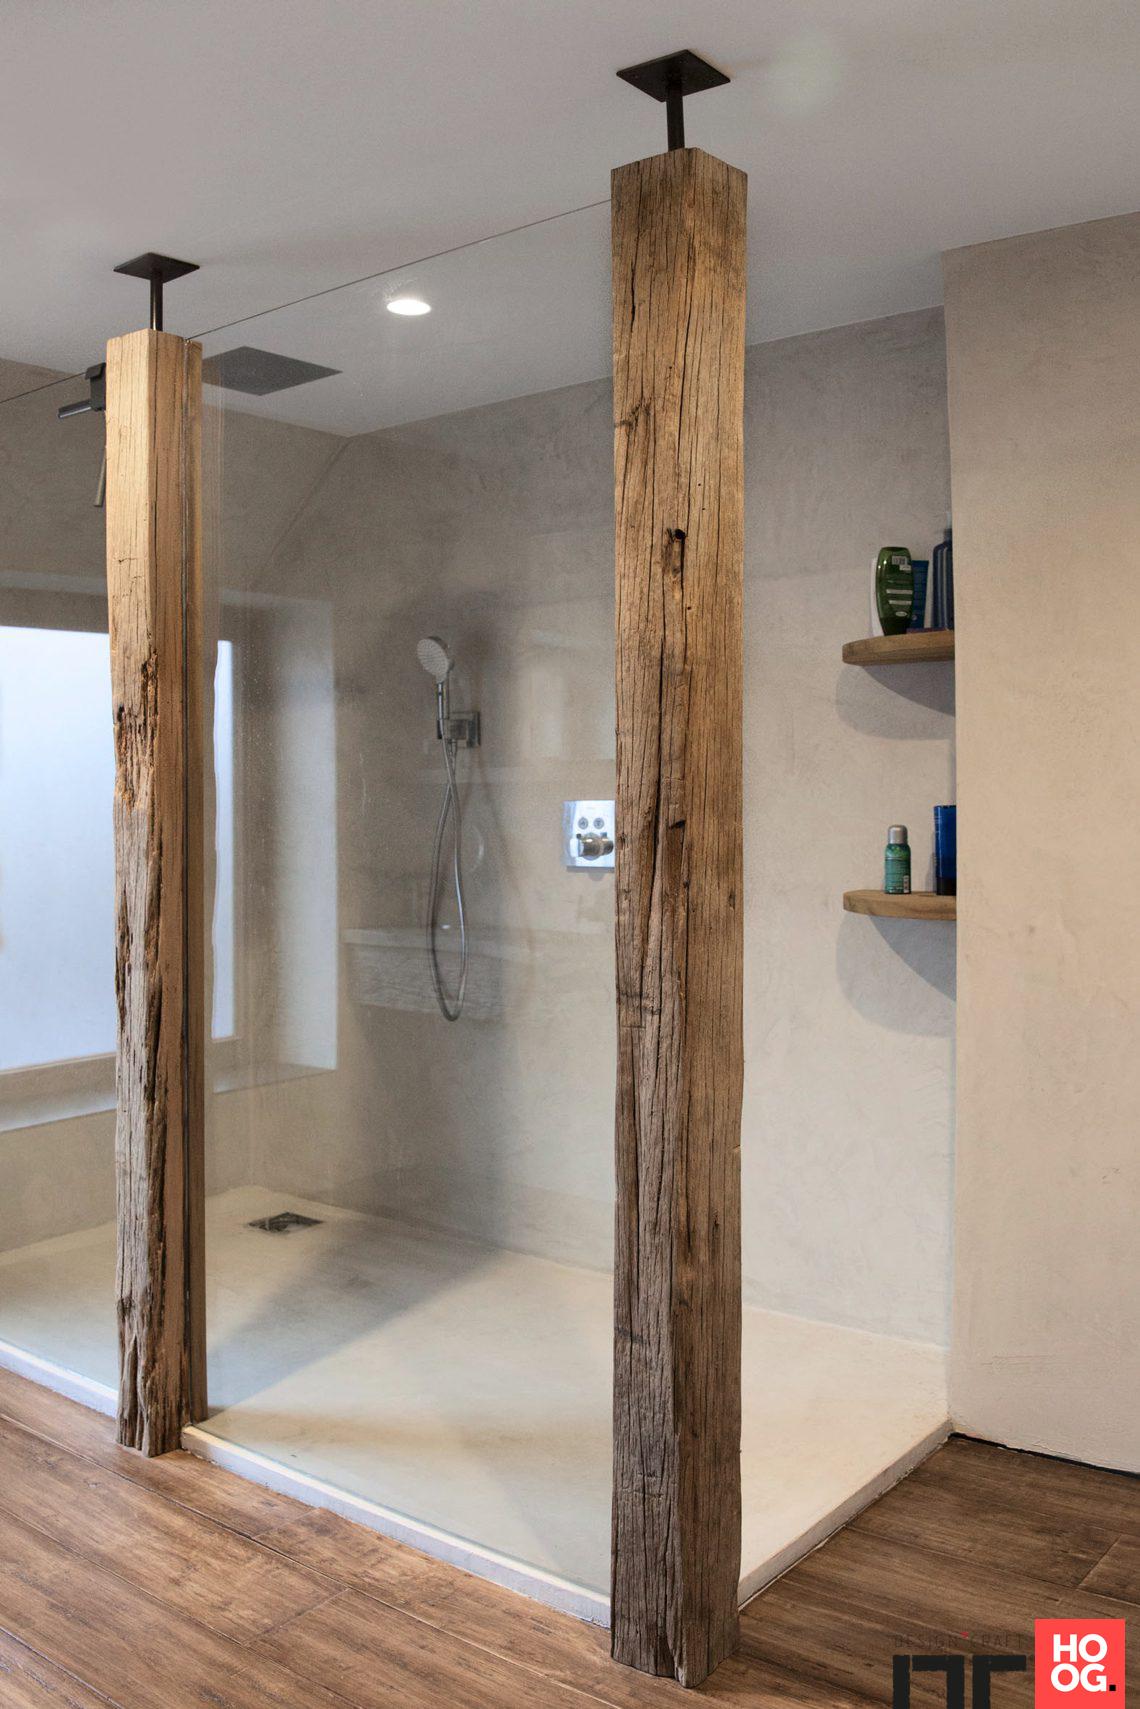 Dirk Cousaert – Design Craft - Project Messine - Hoog ■ Exclusieve woon- en tuin inspiratie. #bathrooms